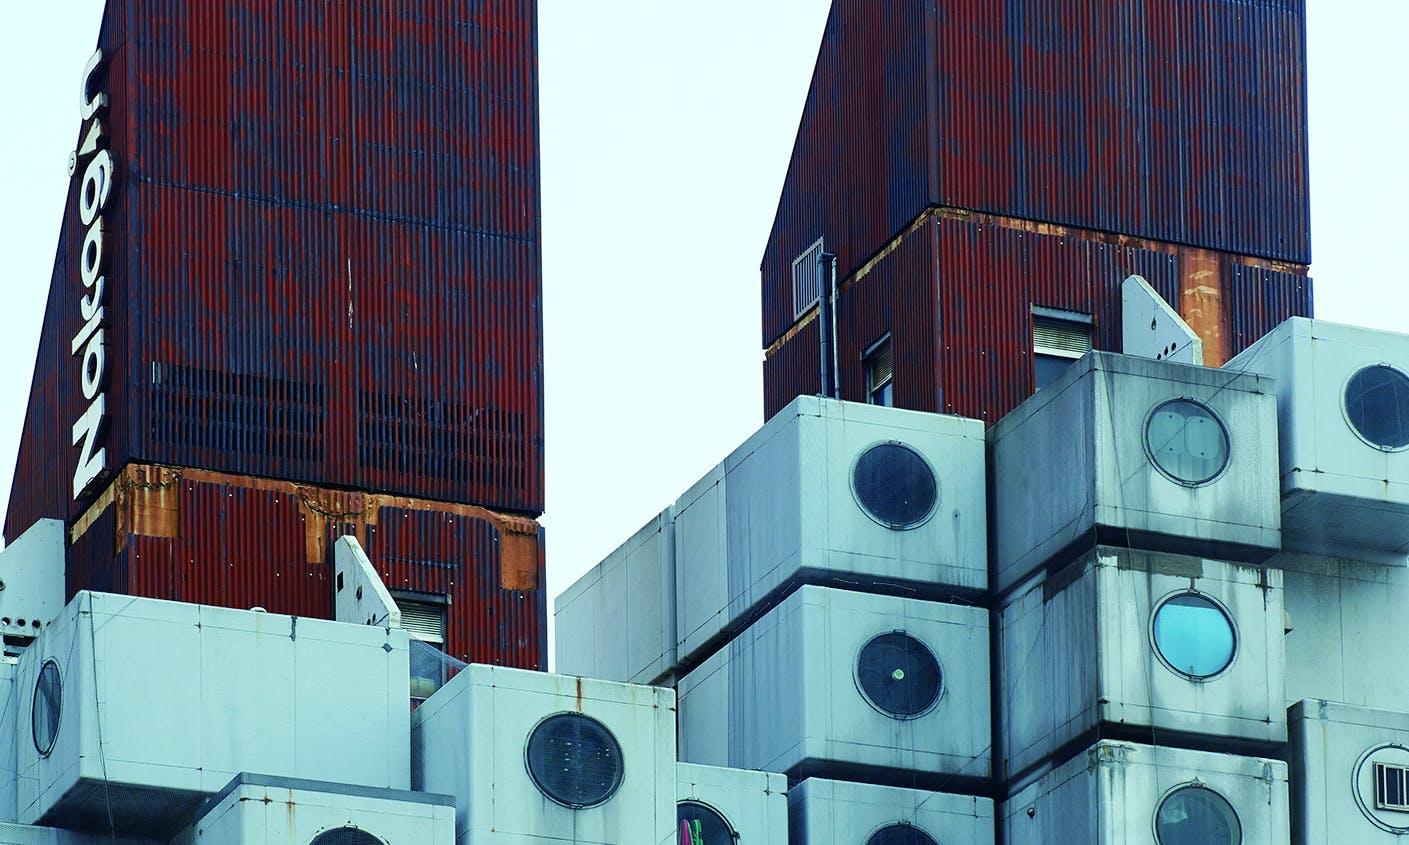 《東京現代建築散步》:在不變中求變,於是出現中銀膠囊塔大廈